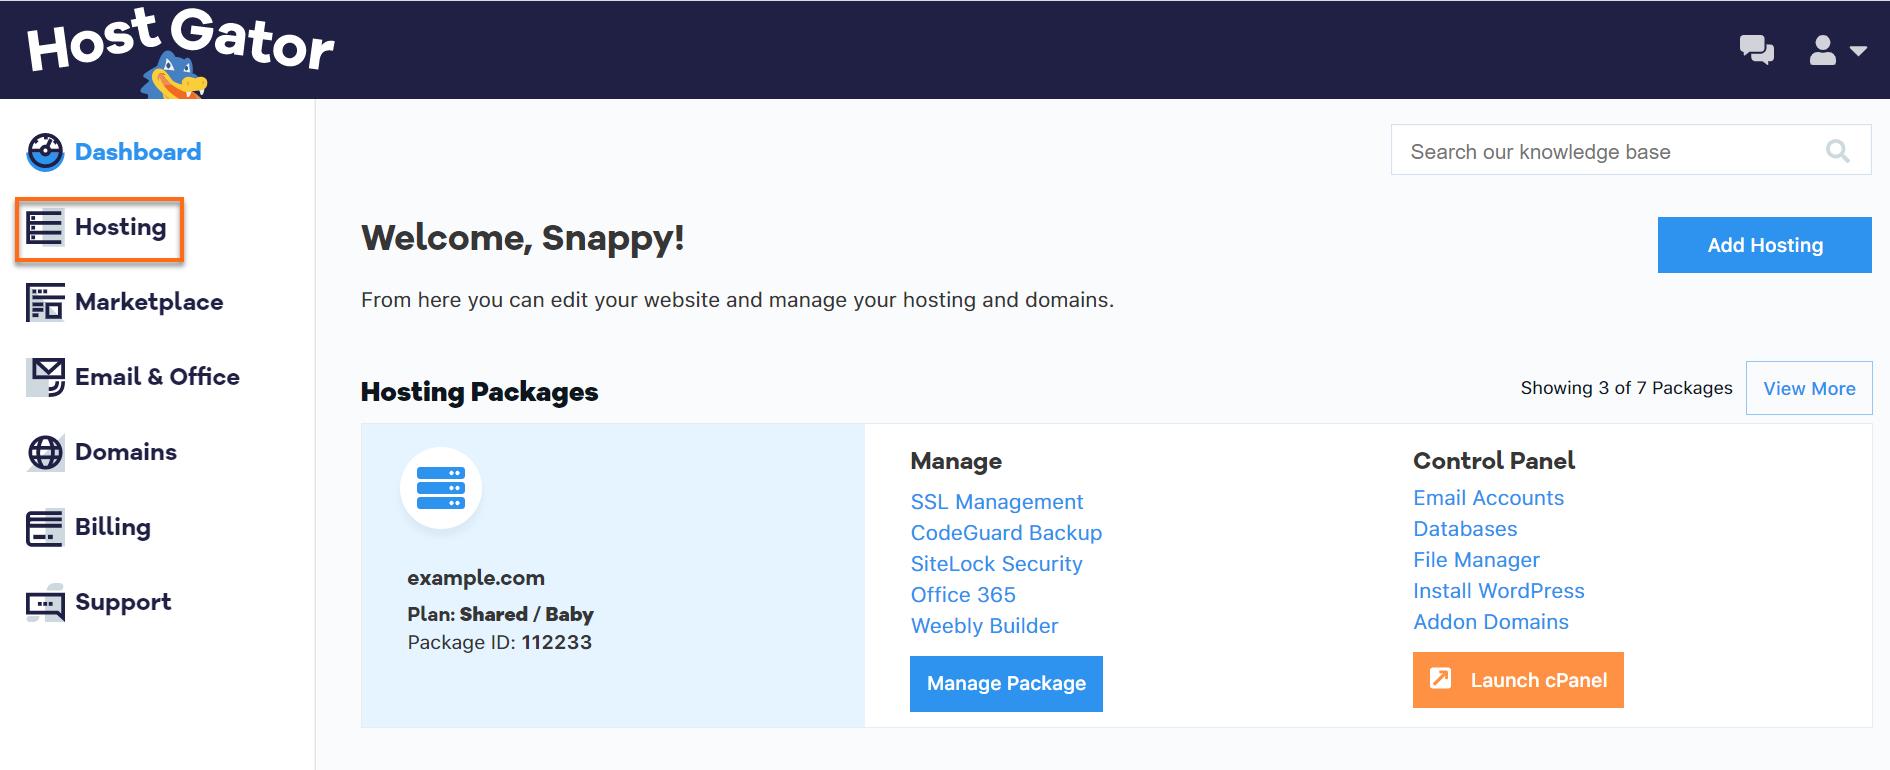 HostGator Customer Portal Hosting Tab